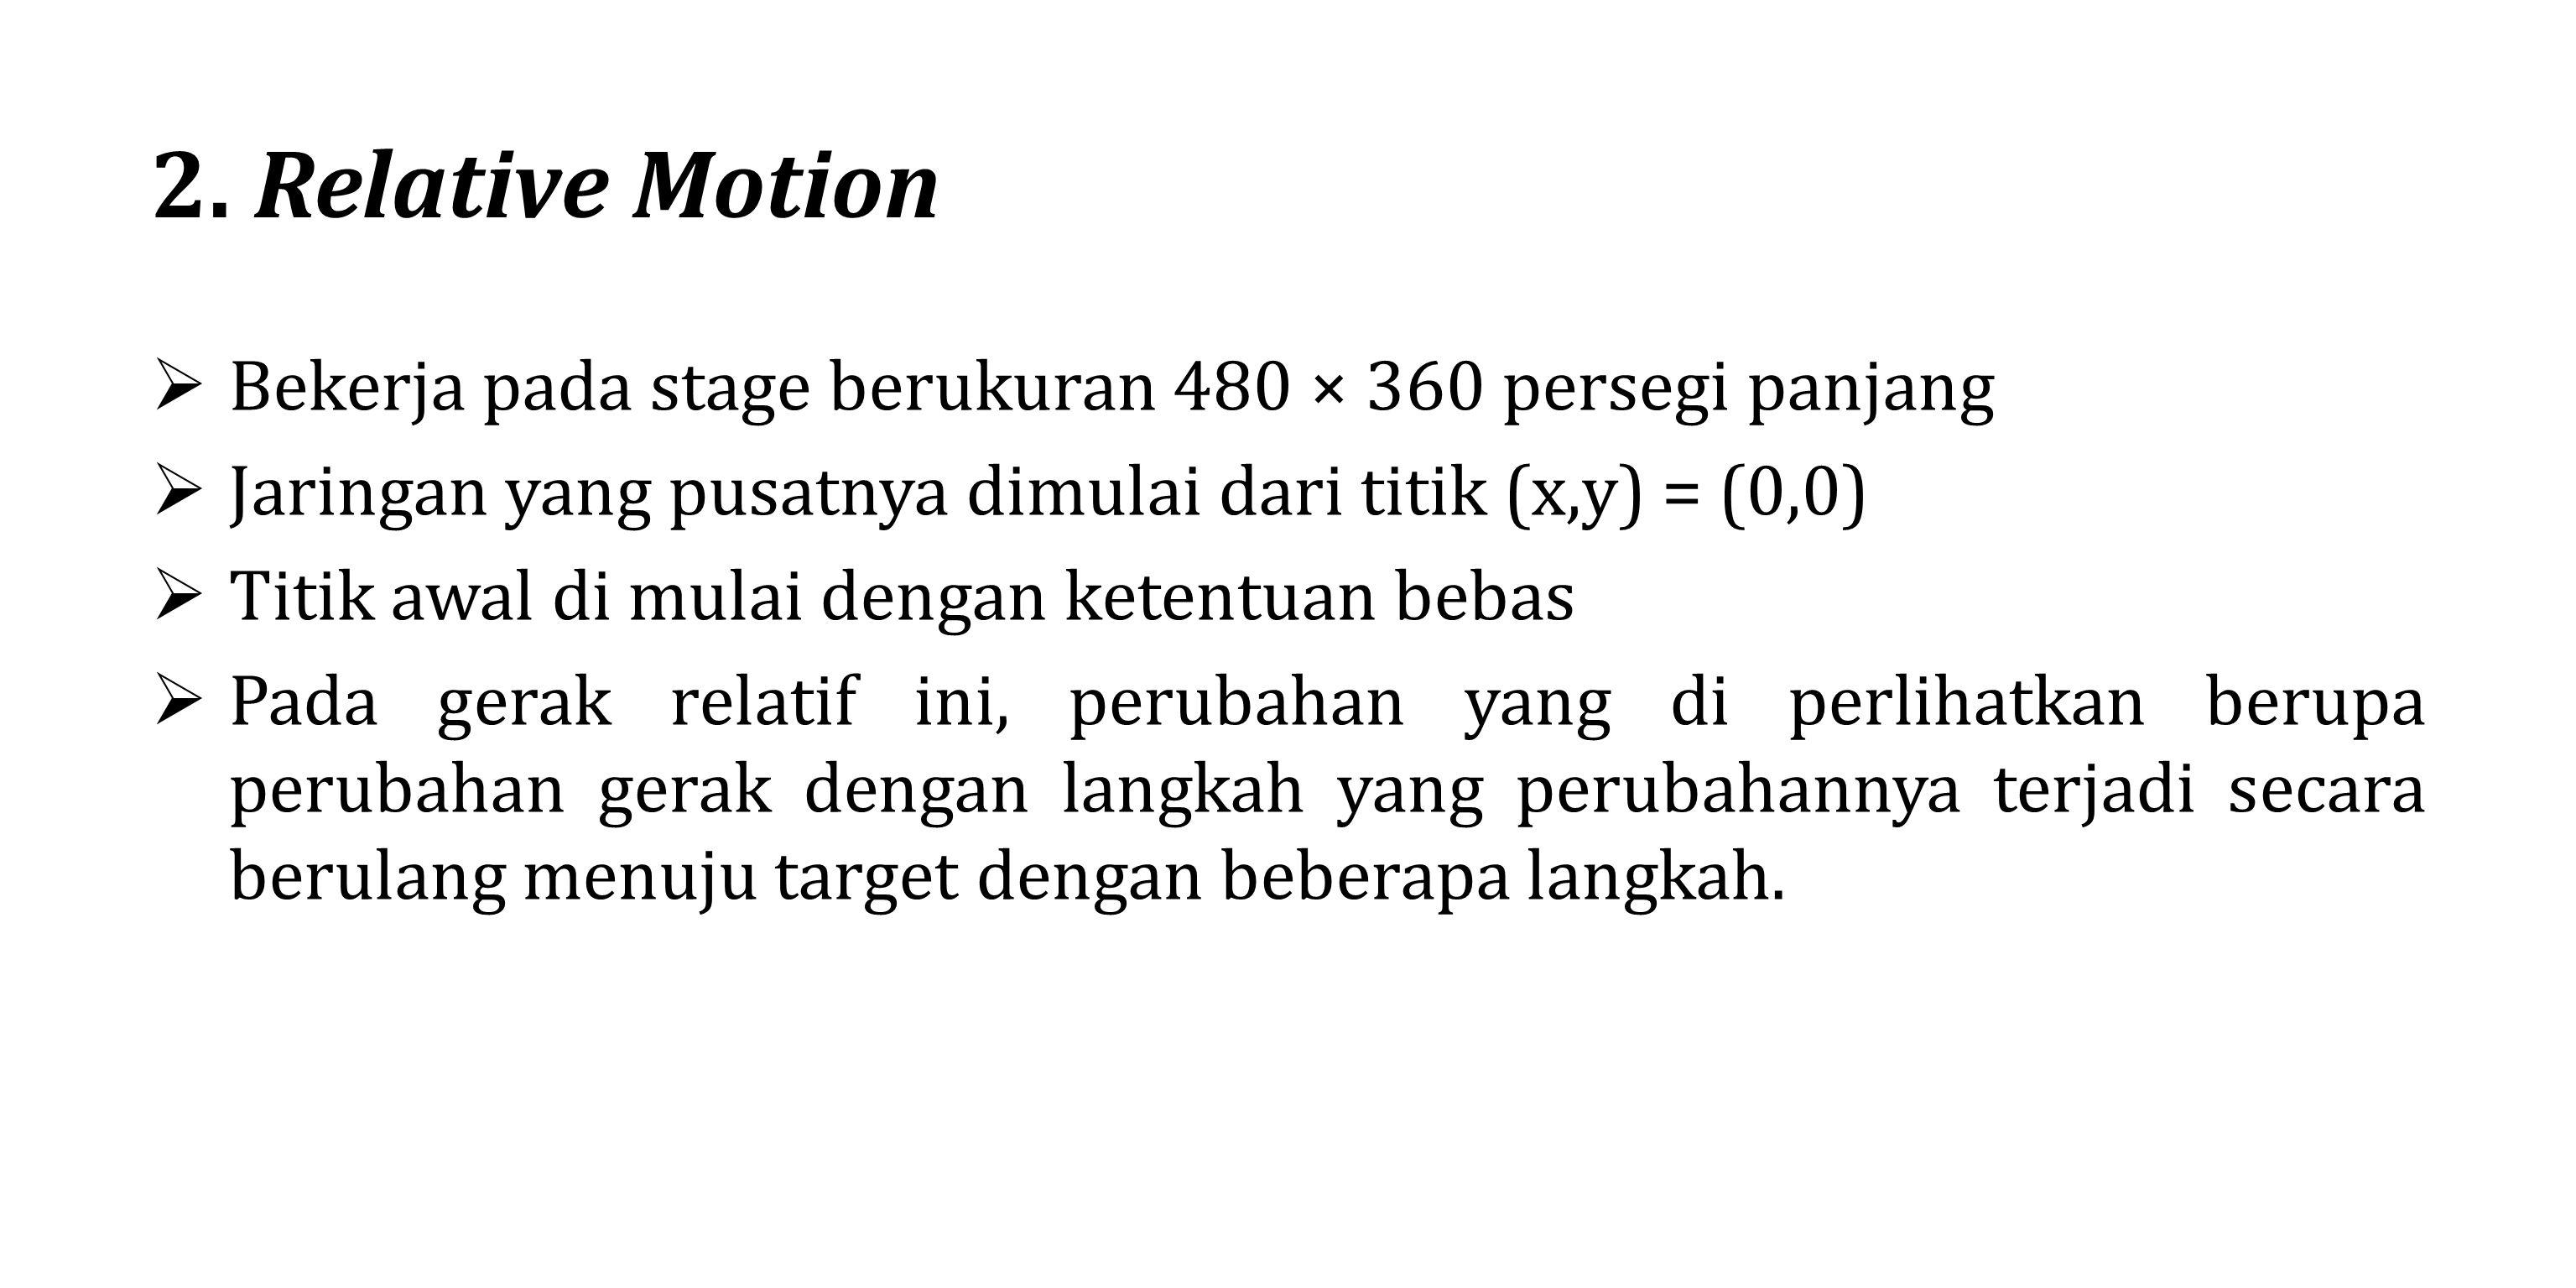 2. Relative Motion Bekerja pada stage berukuran 480 × 360 persegi panjang. Jaringan yang pusatnya dimulai dari titik (x,y) = (0,0)